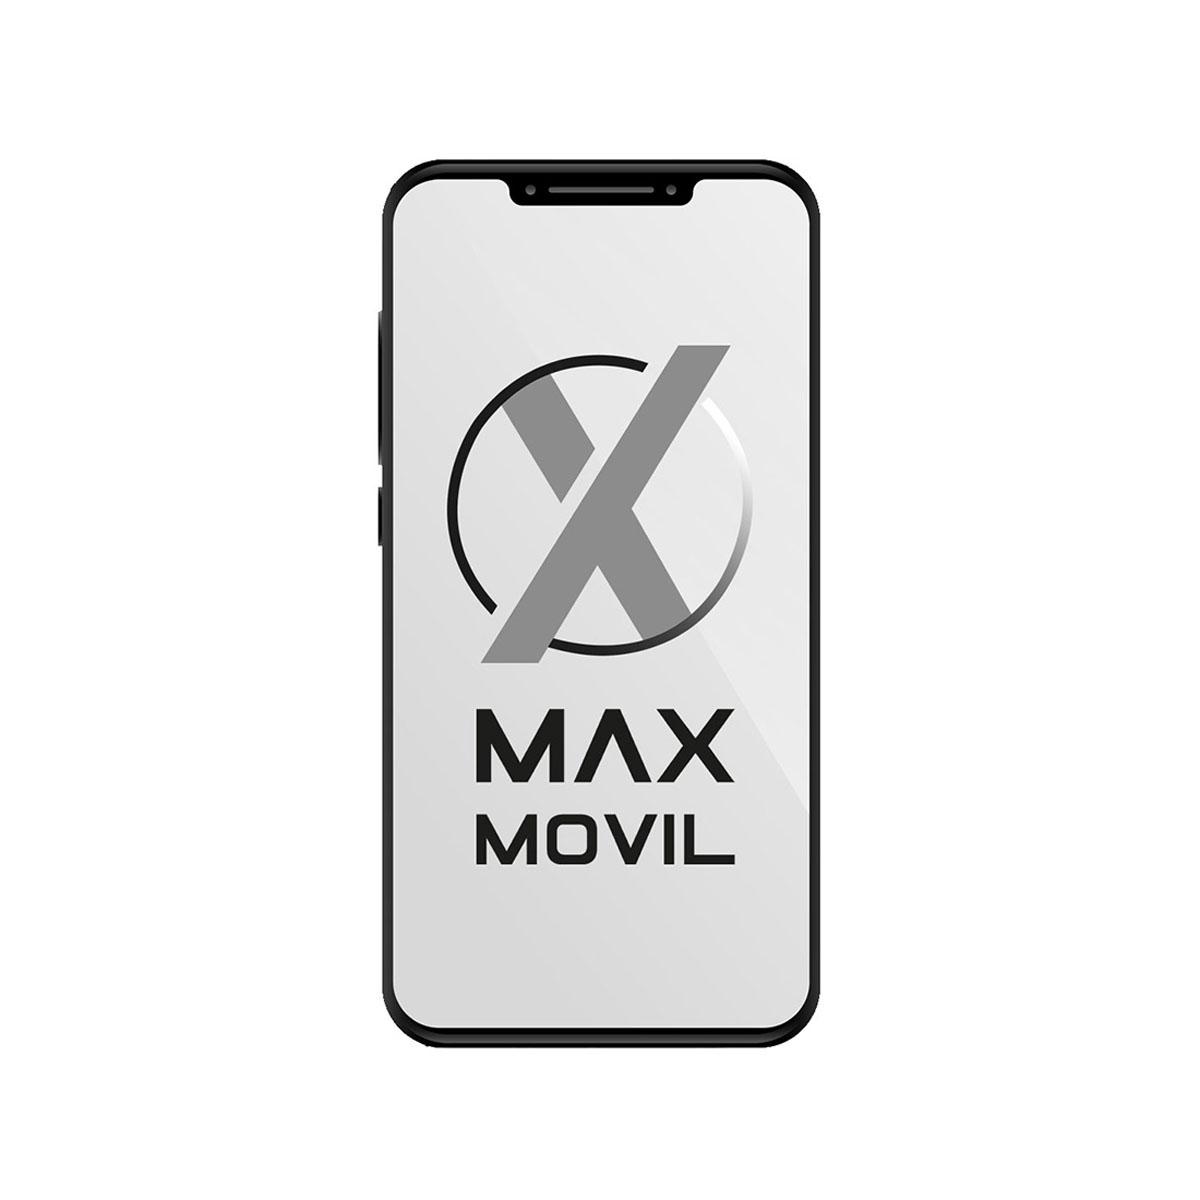 Telefono movil Iphone 6 plus 16Gb space grey CPO ECO-RECICLADO GRADO A